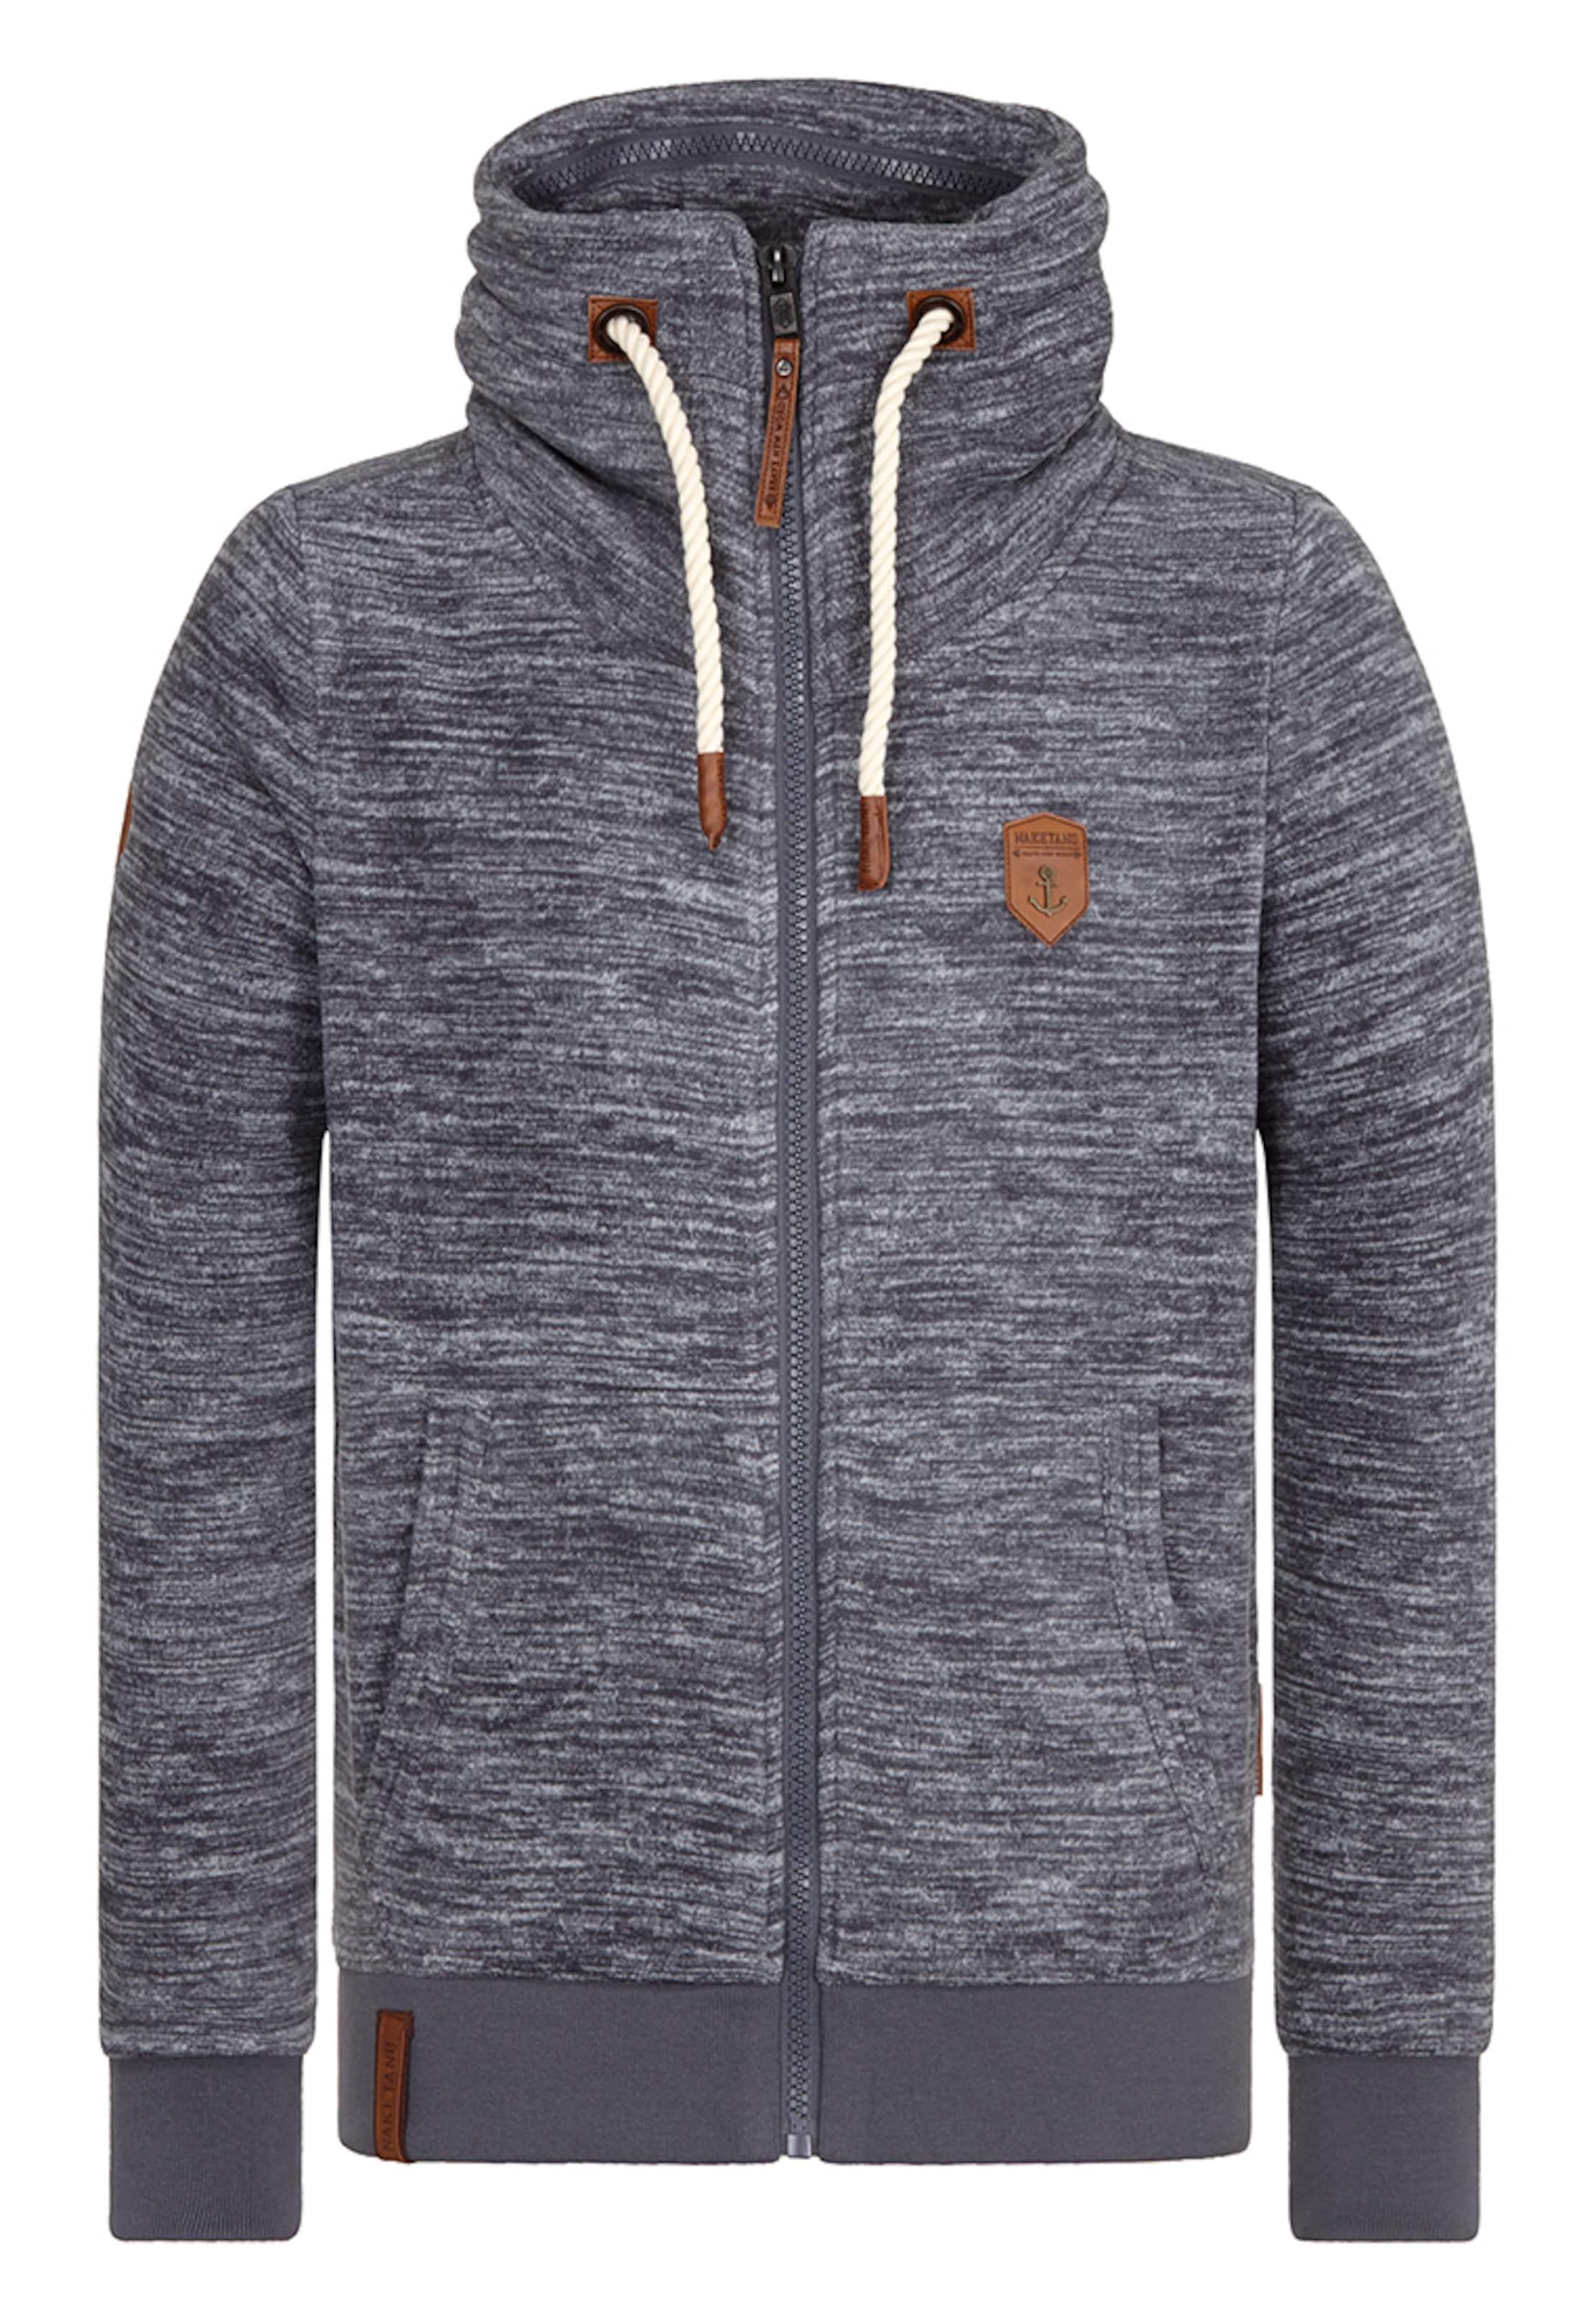 naketano Male Zipped Jacket Billig Verkauf Gut Verkaufen Billig Verkauf Auslass wjHOZrn